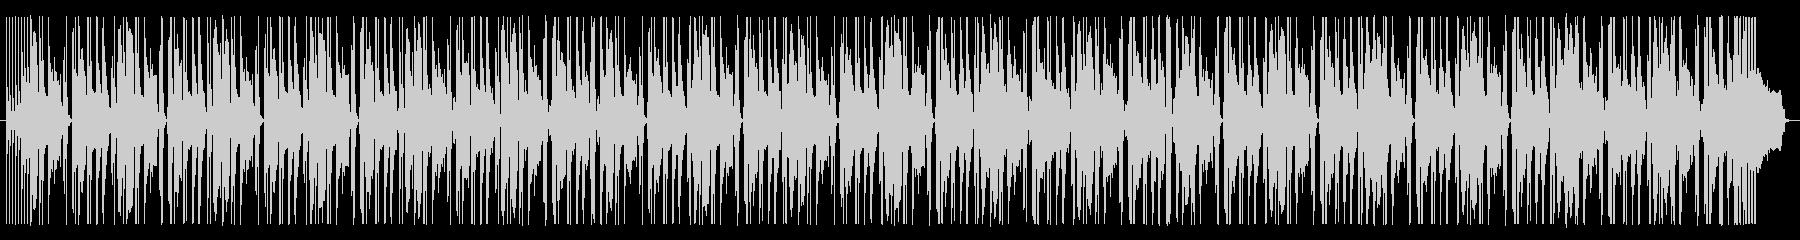 ヒップホップ・ジャズ・オシャレ・チルの未再生の波形